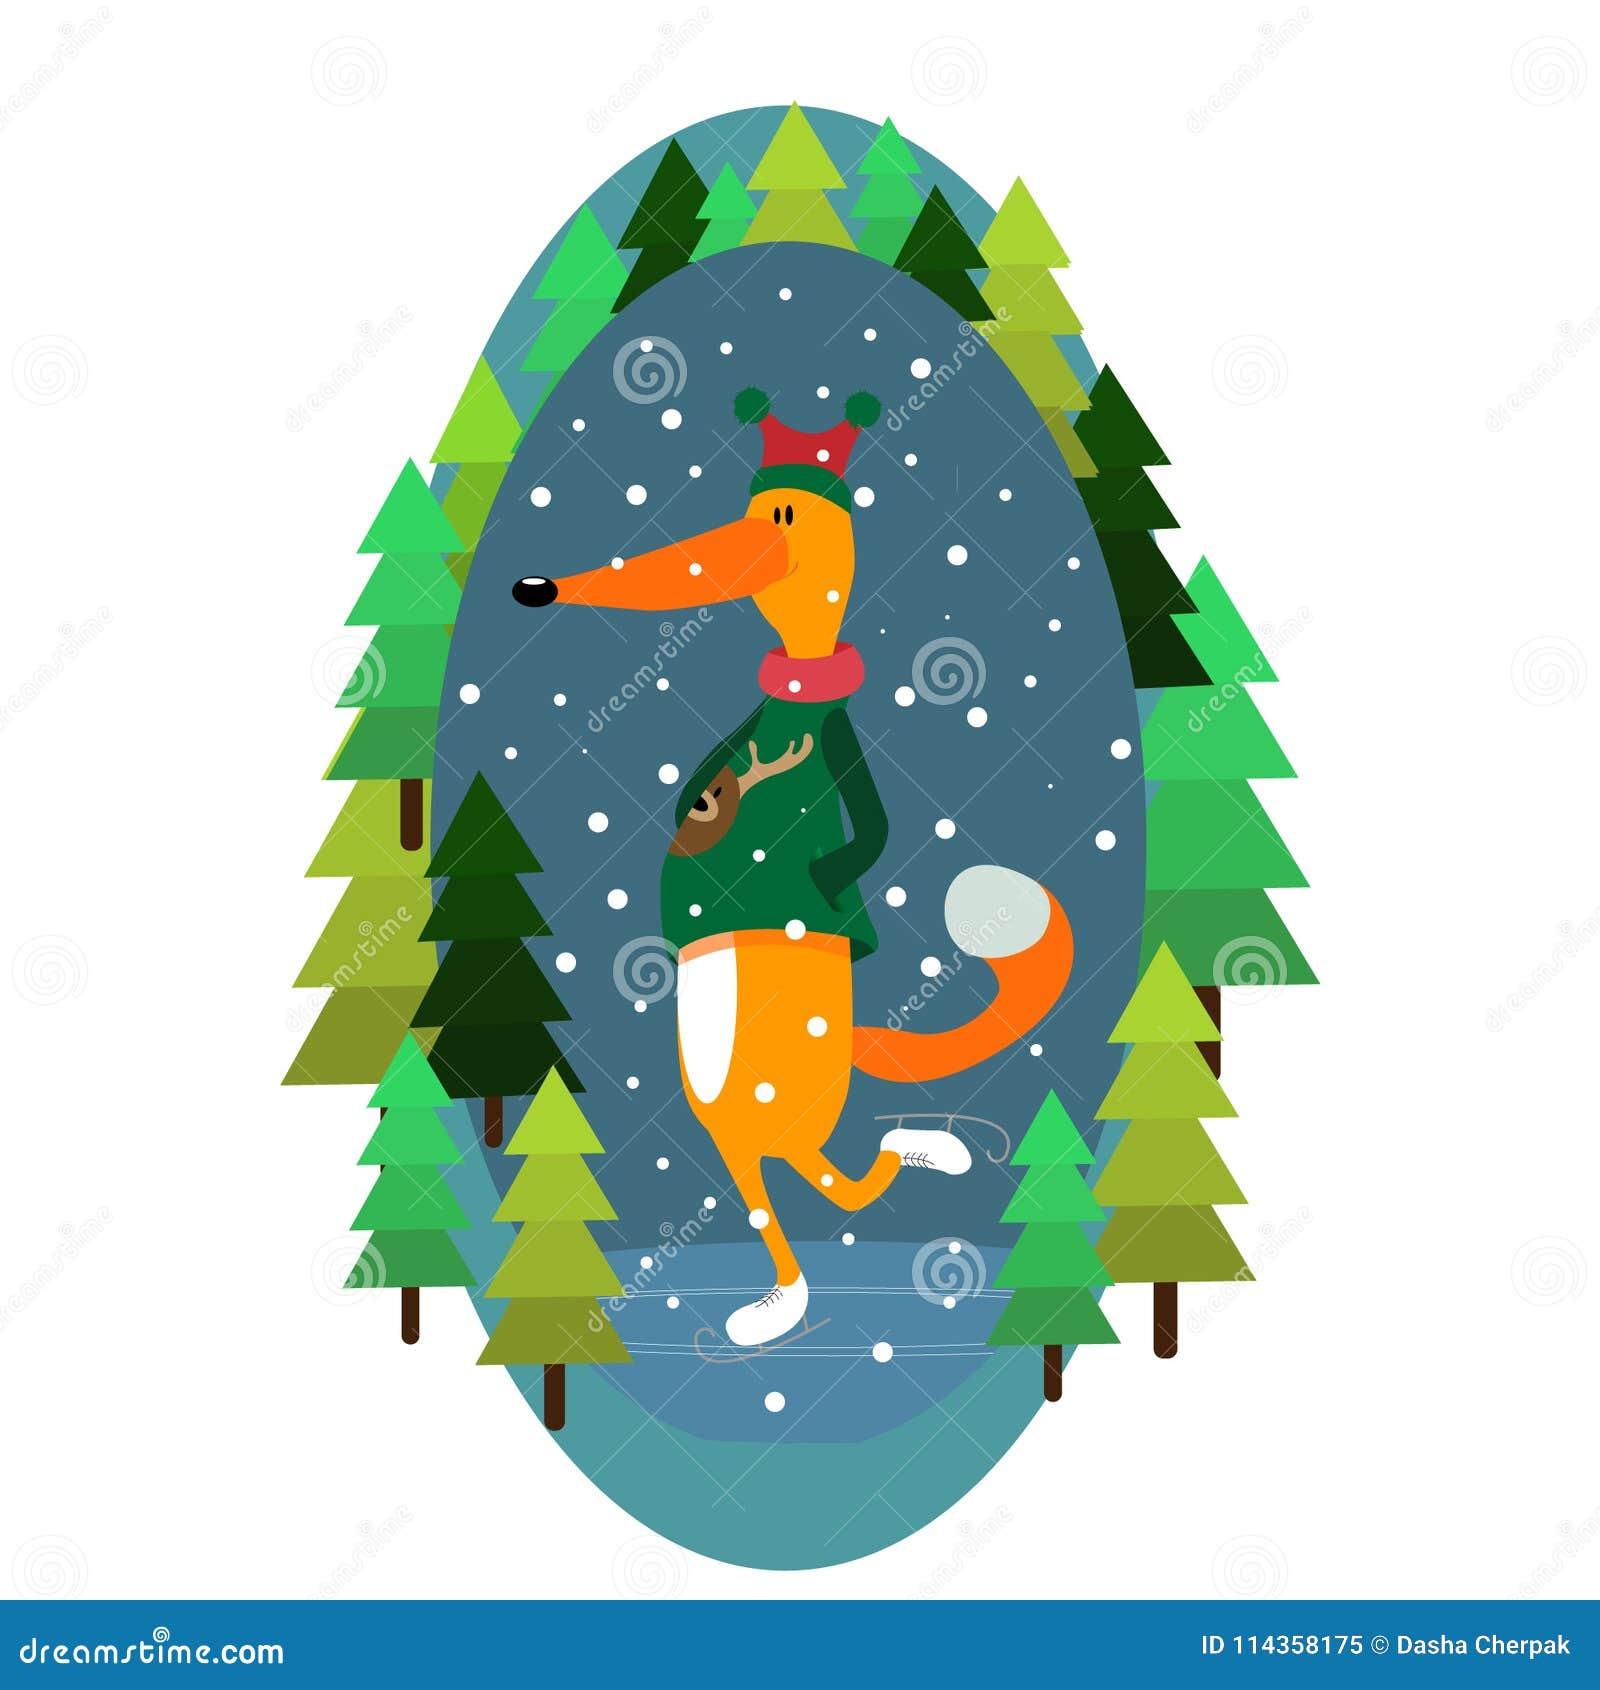 Vector иллюстрация цвета изображения леса коньков снега Нового Года рождества зимы иллюстрации лисы жизнерадостная